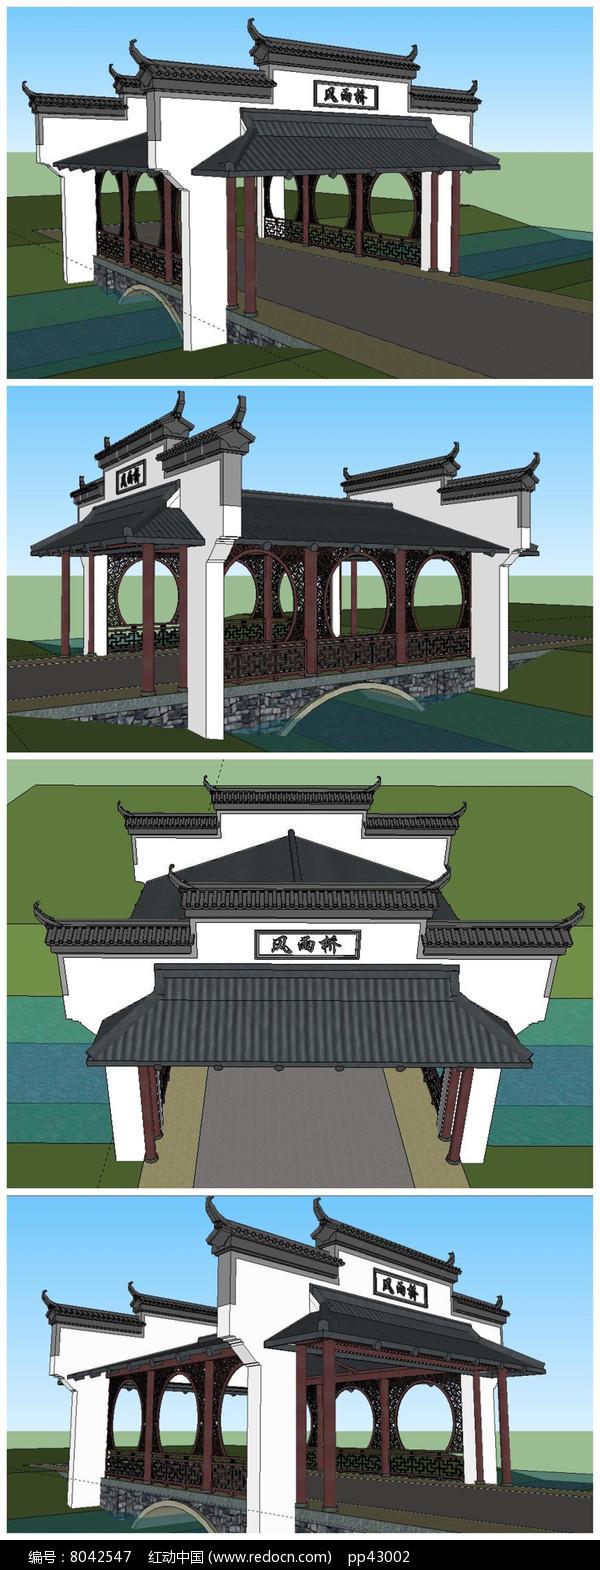 原创设计稿 3d模型库 围墙|栏杆|大门 中式古典风格大门su模型  请您图片